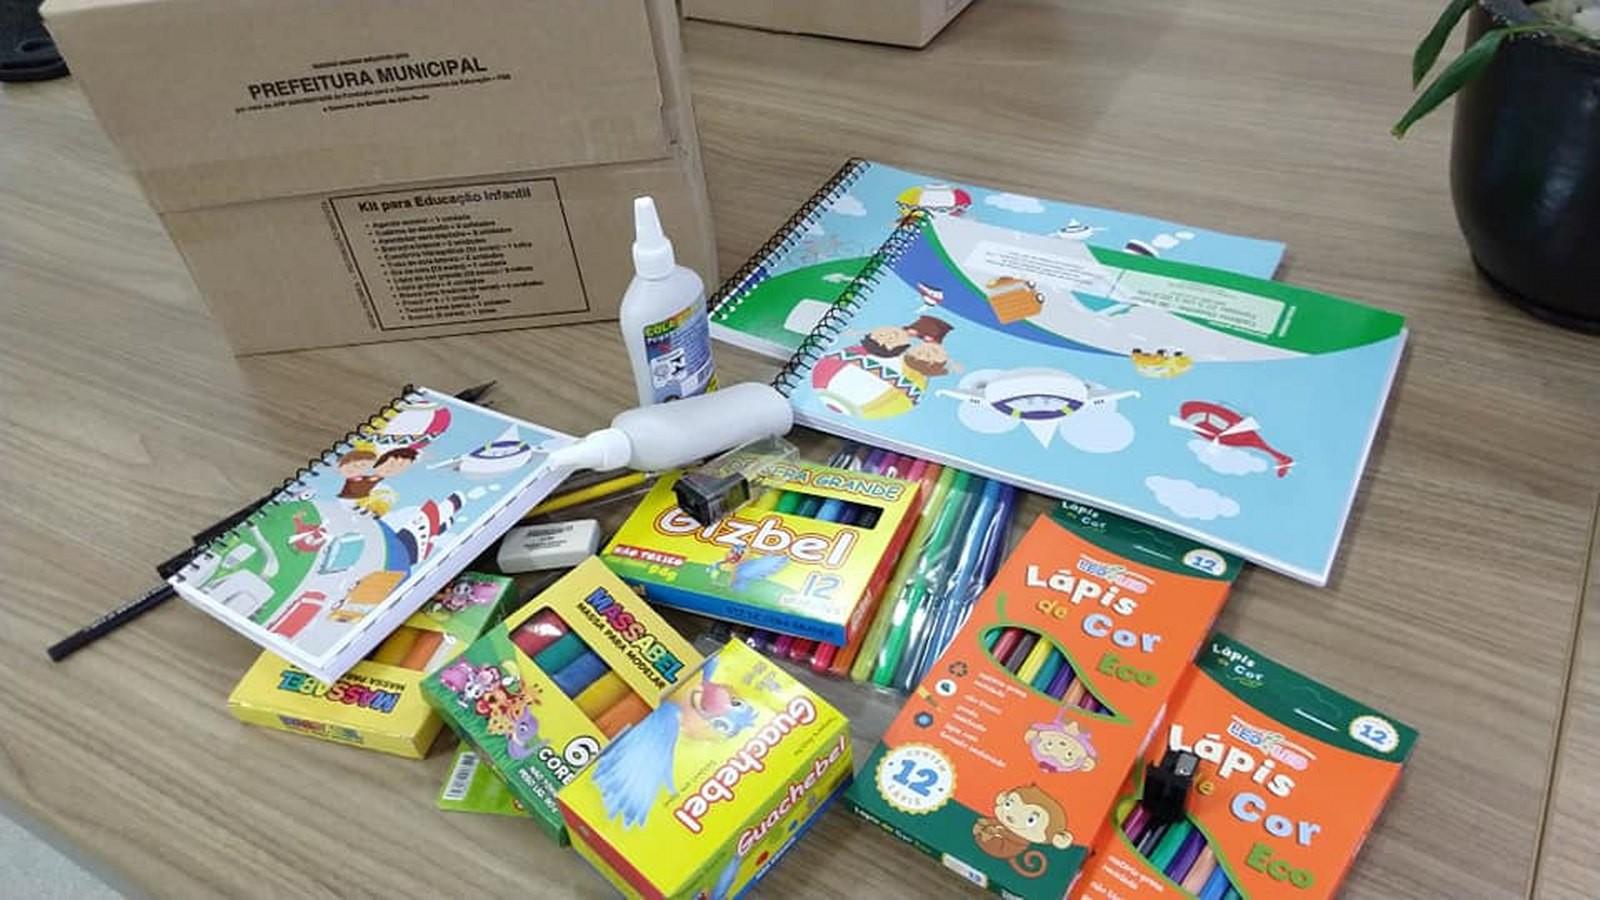 Prefeitura destina kits de materiais escolares para toda a rede municipal - Noticias